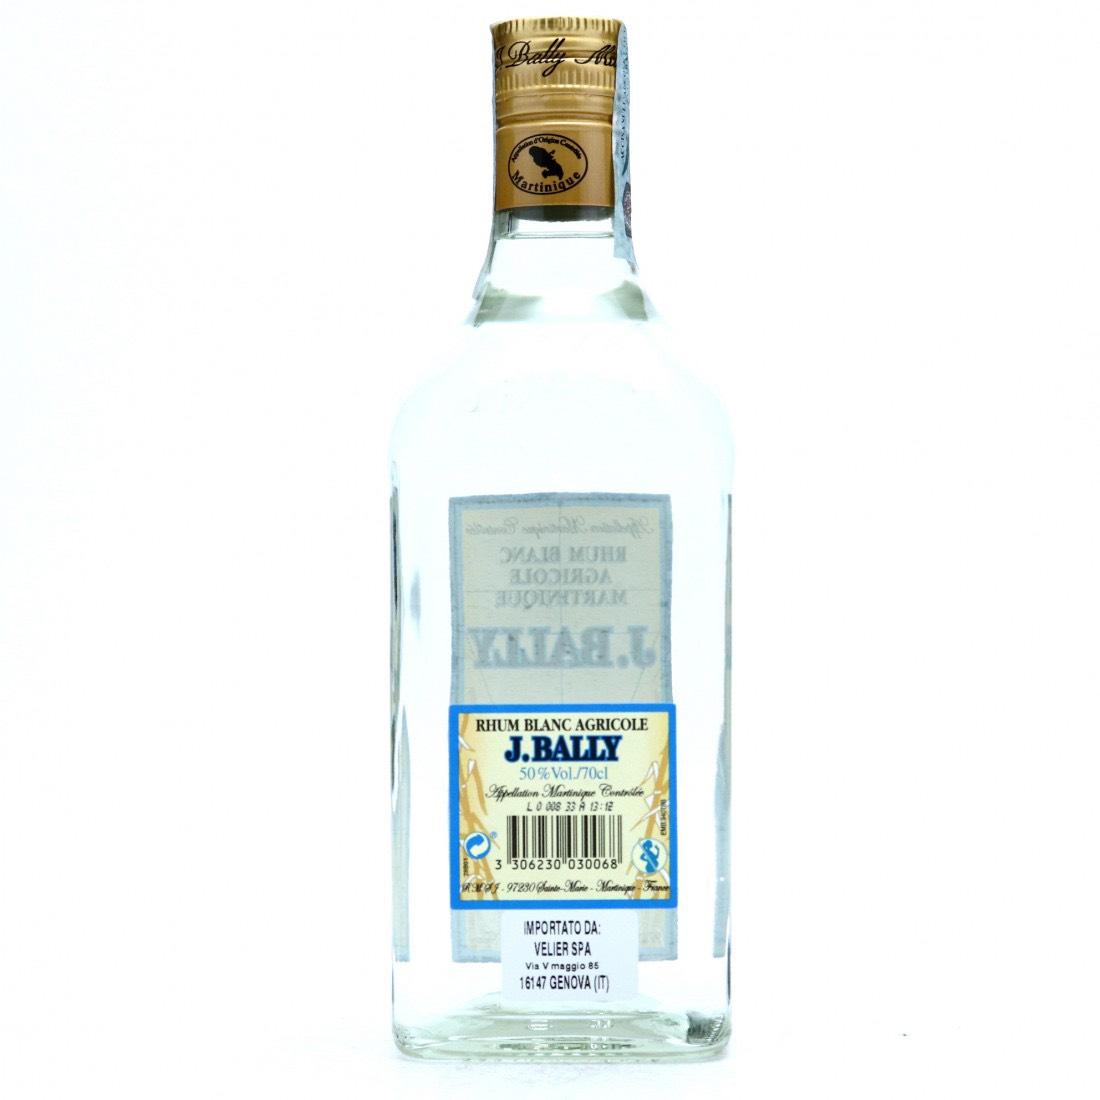 Bottle image of Rhum Blanc